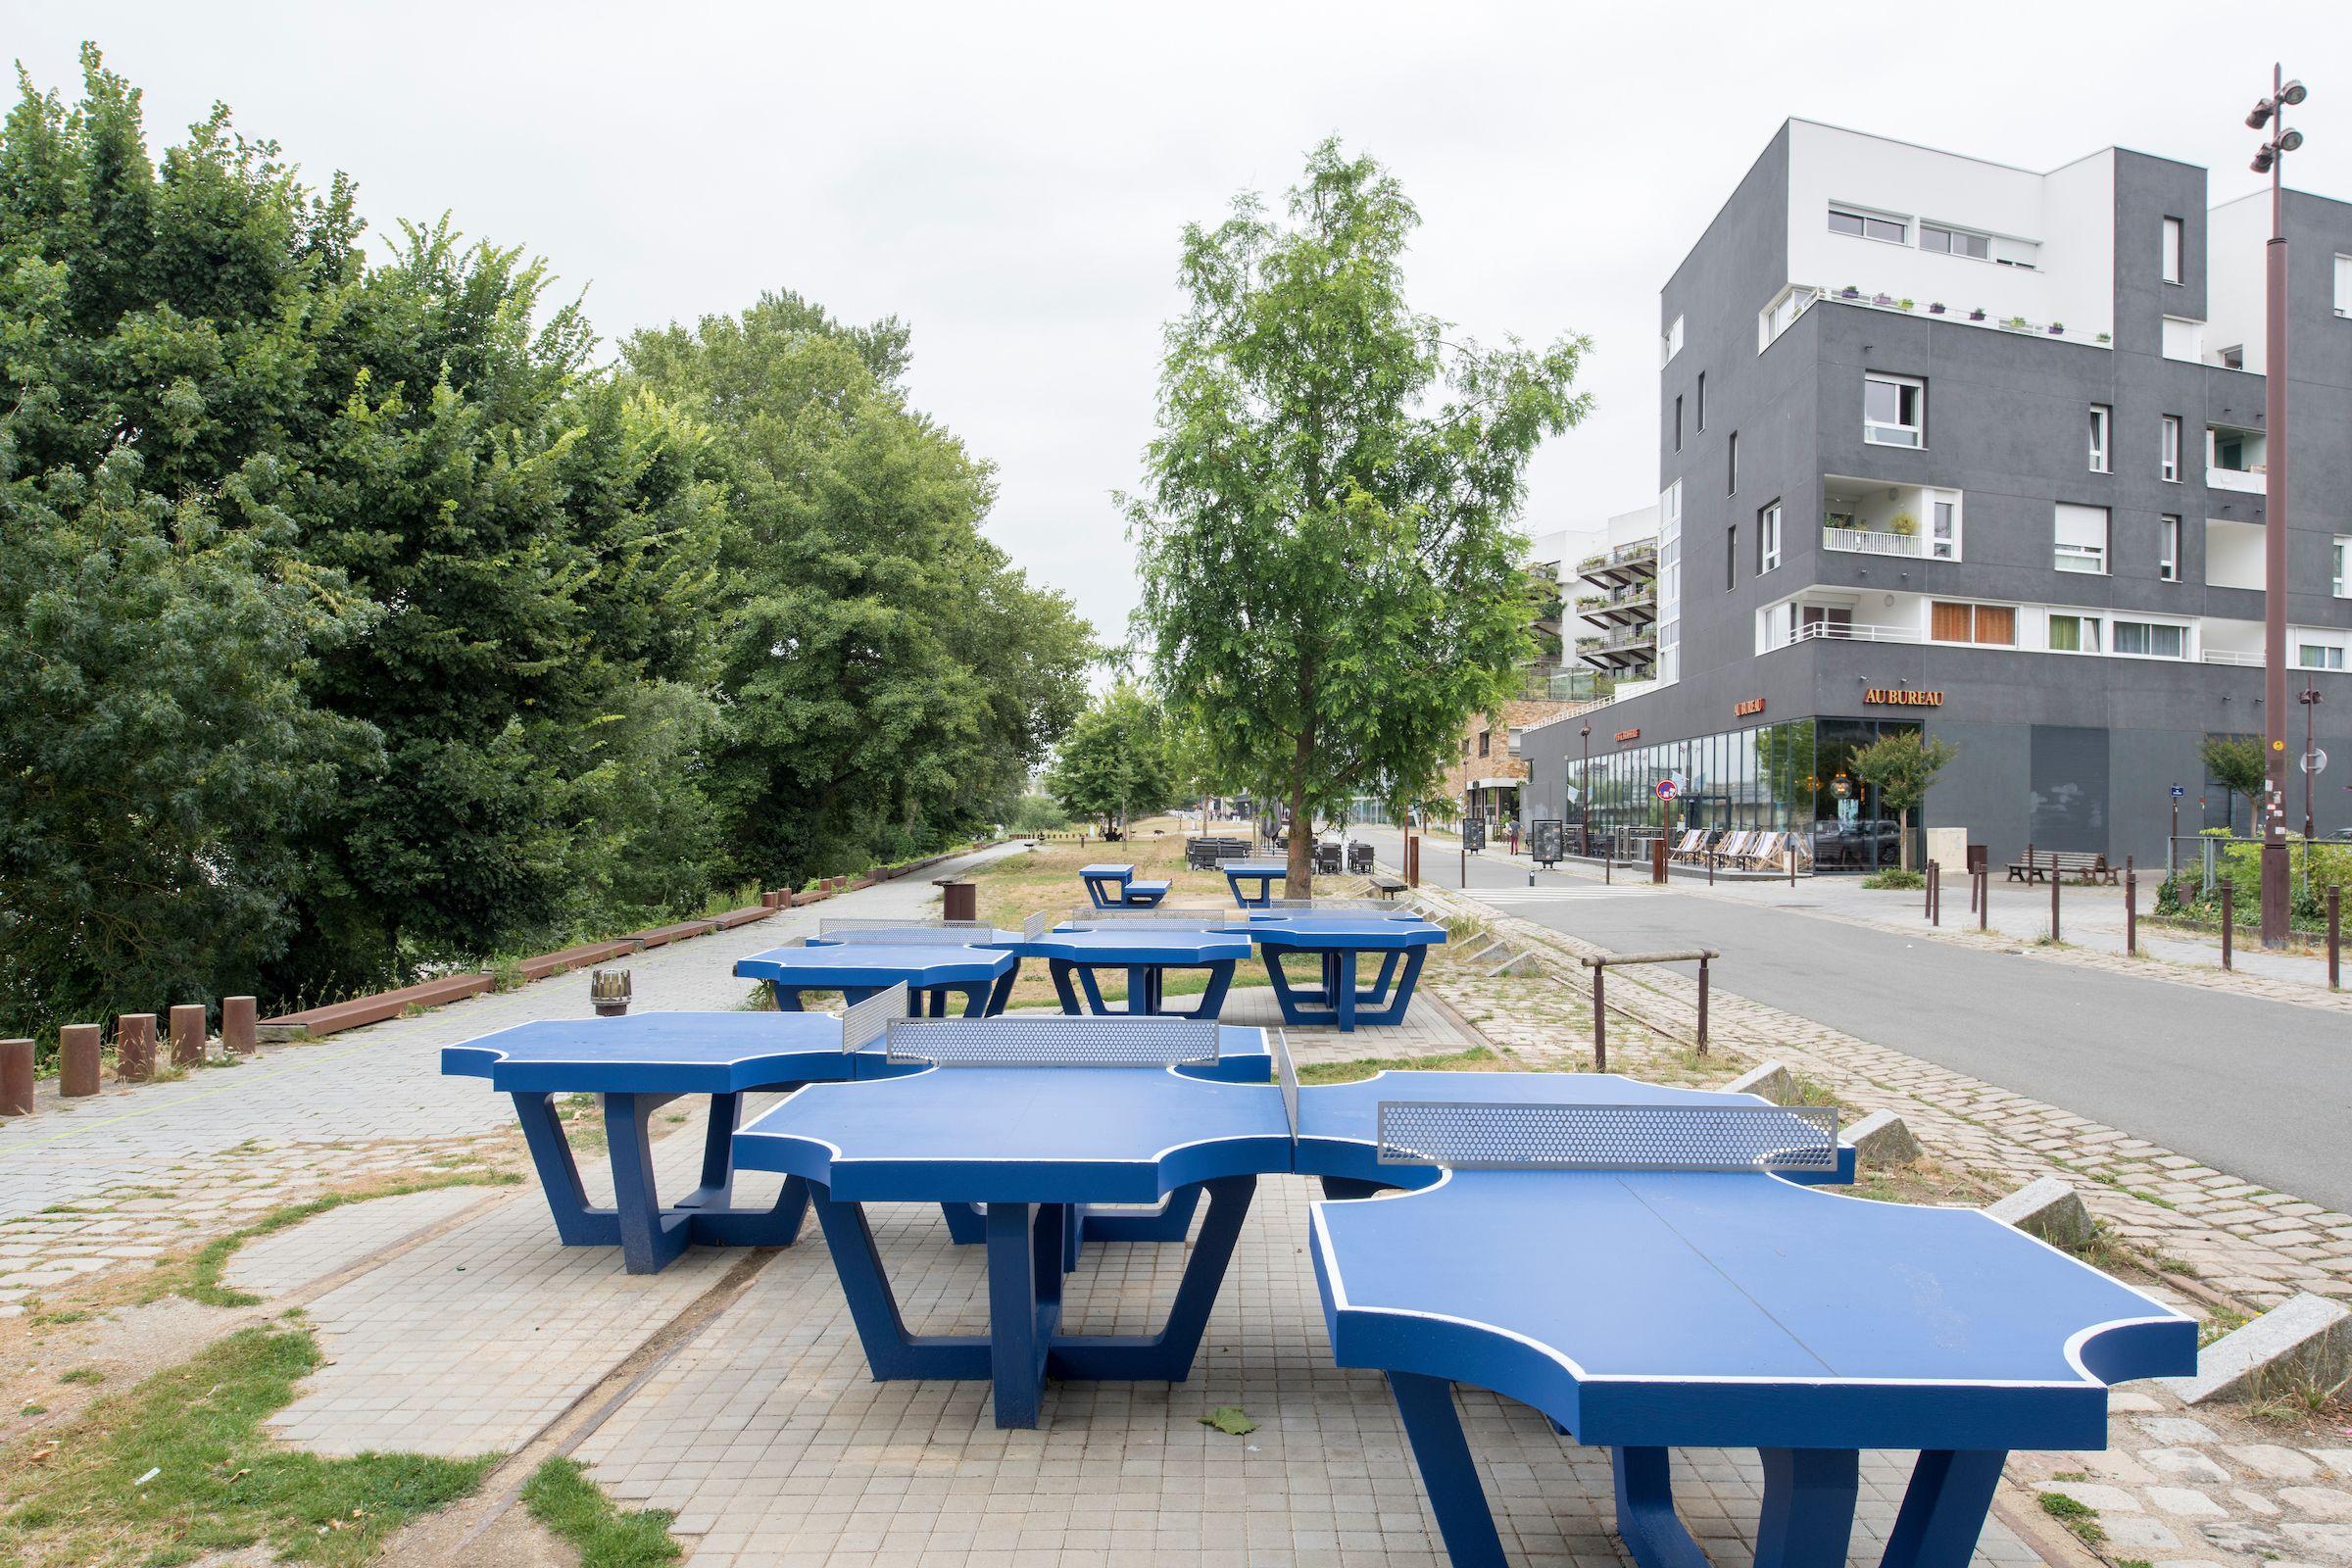 ping pong park laurent perbos quai fran ois mitterrand aire de jeux playground aire de. Black Bedroom Furniture Sets. Home Design Ideas